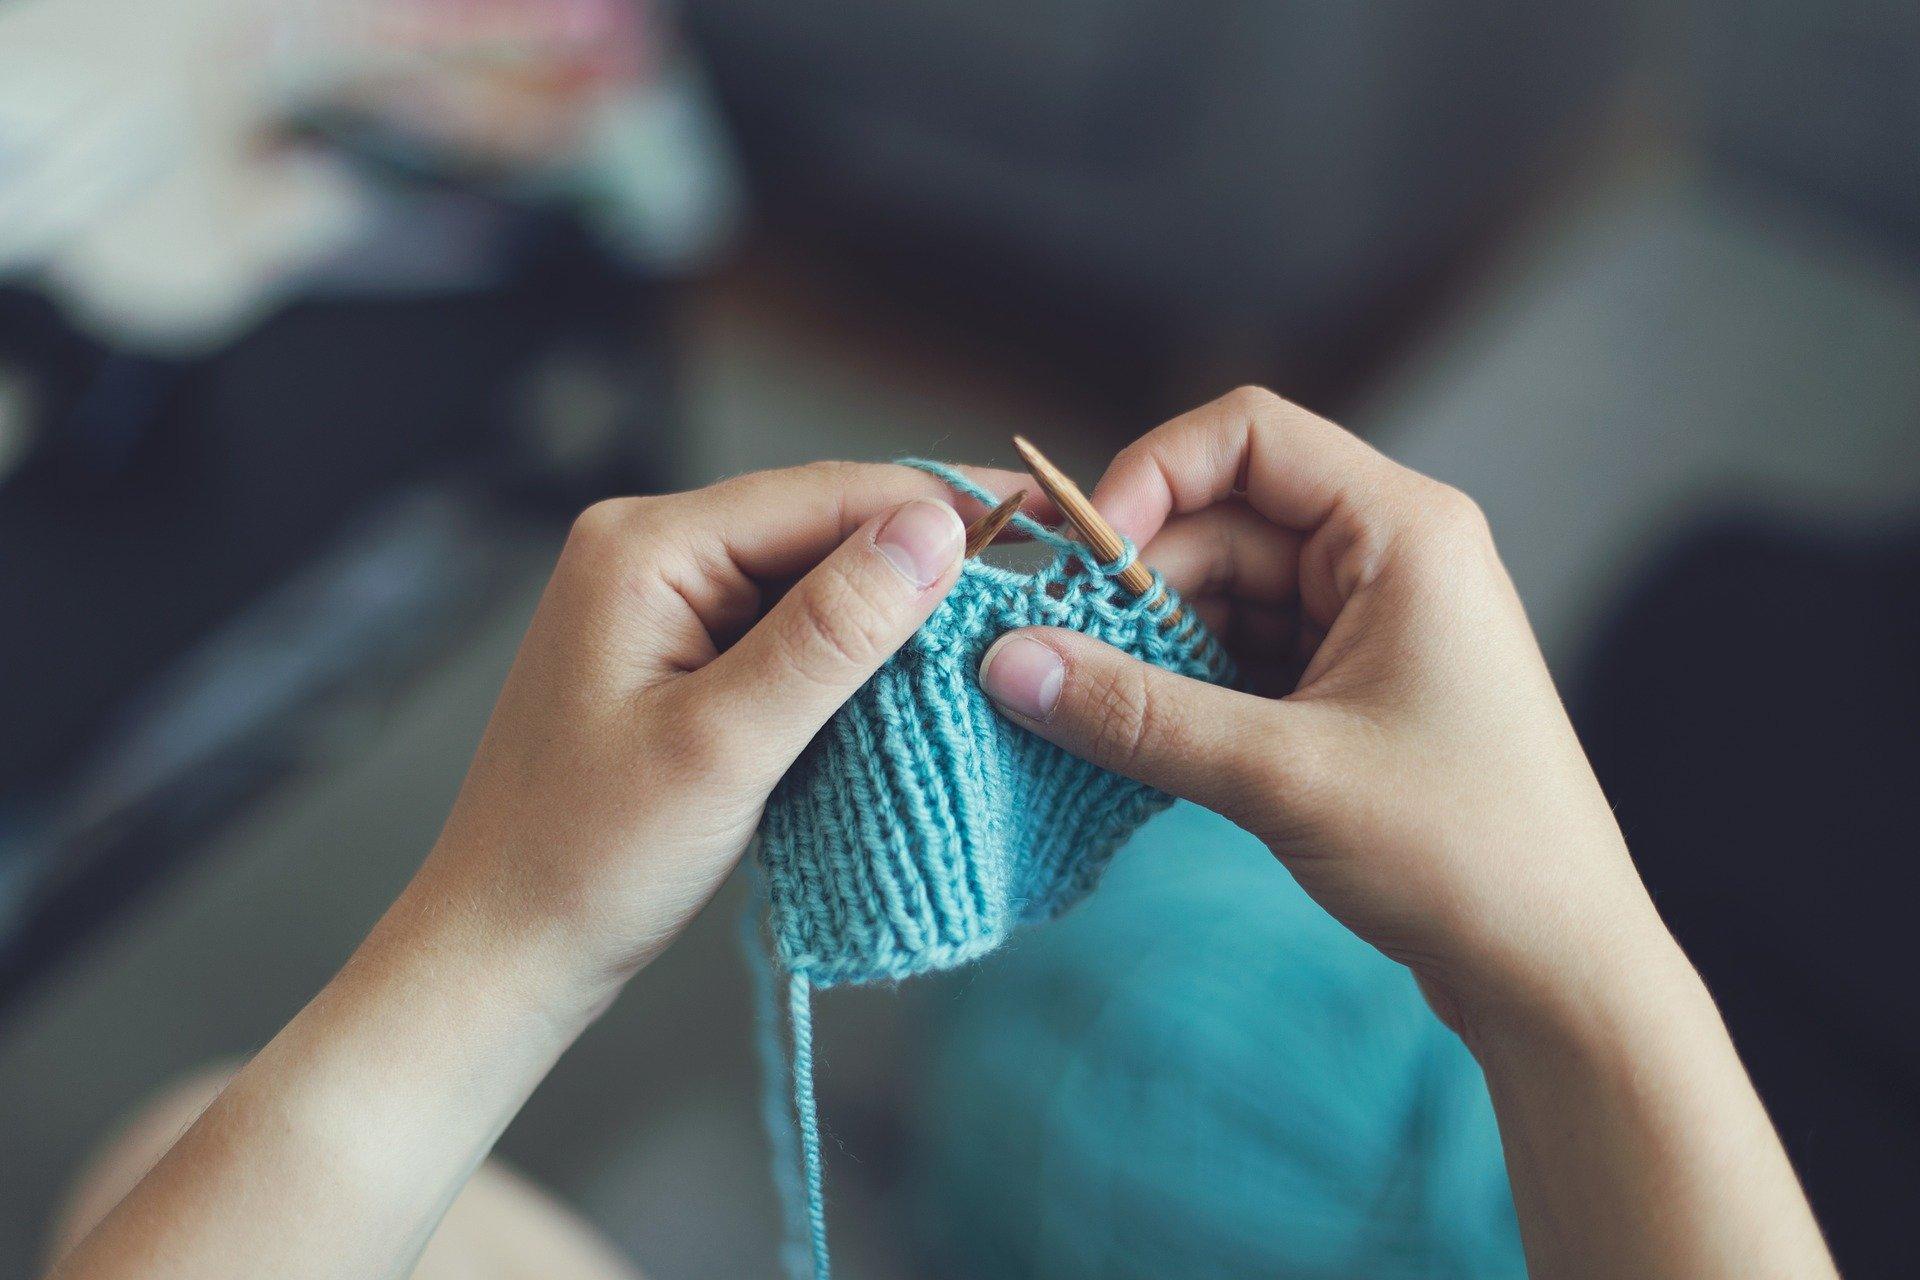 strikkearbejde